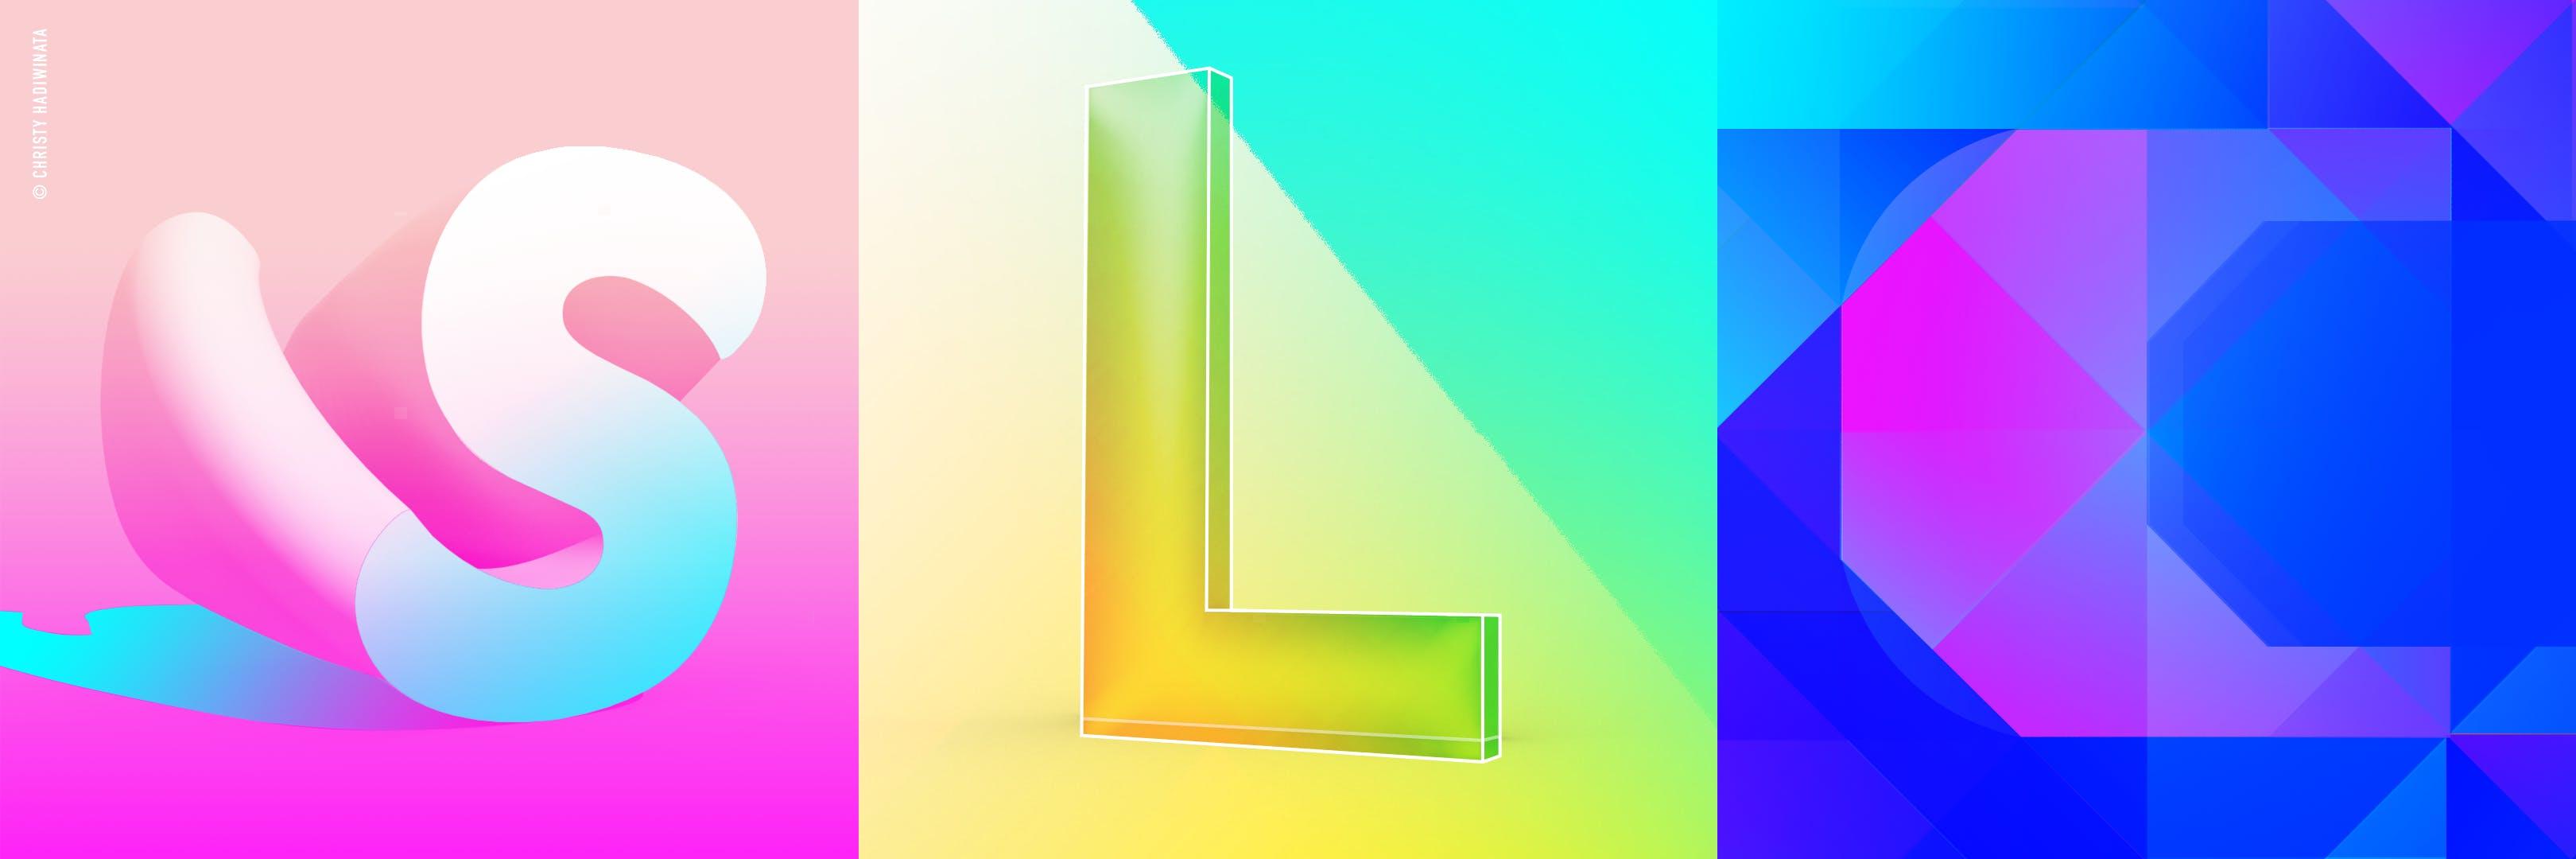 letters slc